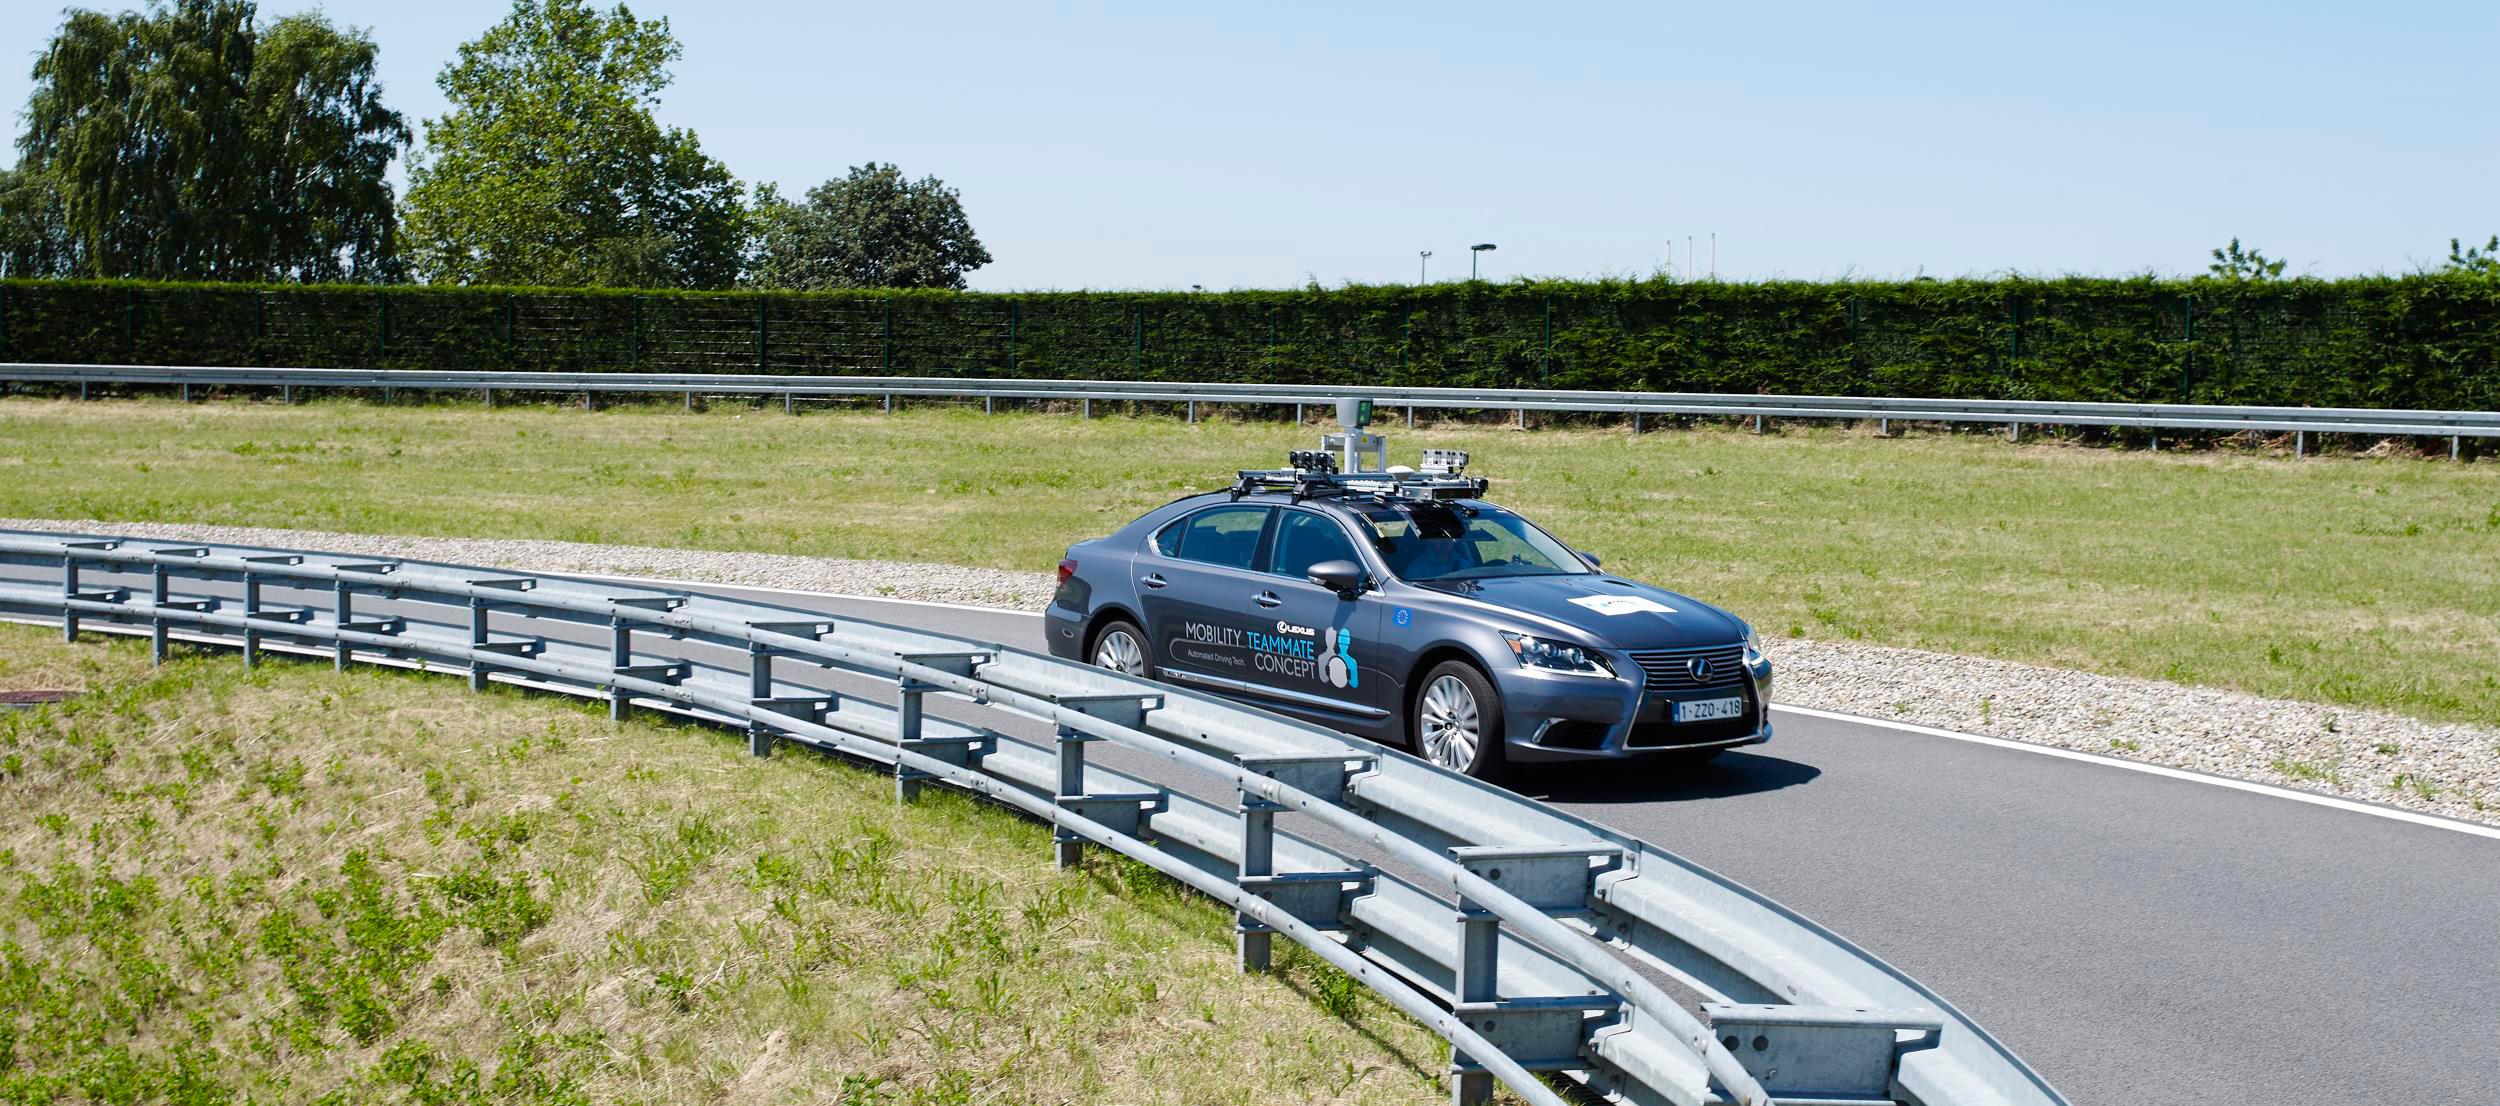 Toyota realiza pruebas con vehículos autónomos en vías públicas